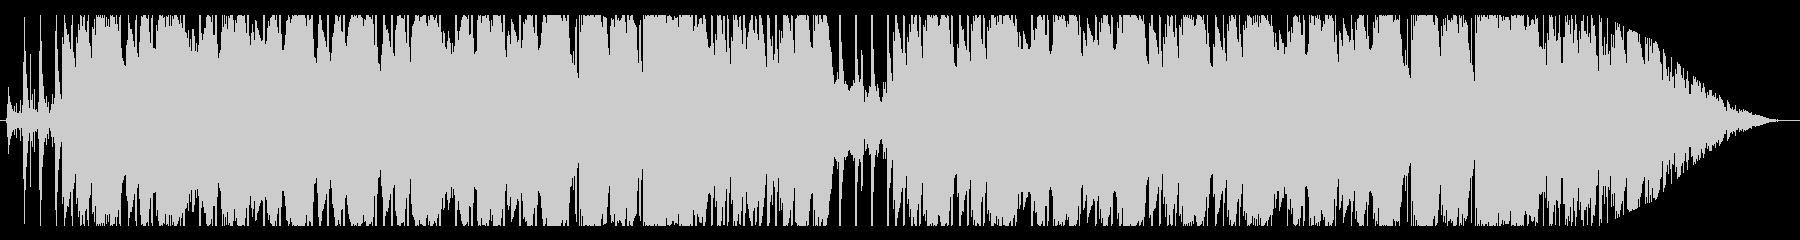 ノスタルジーなピアノbgmの未再生の波形